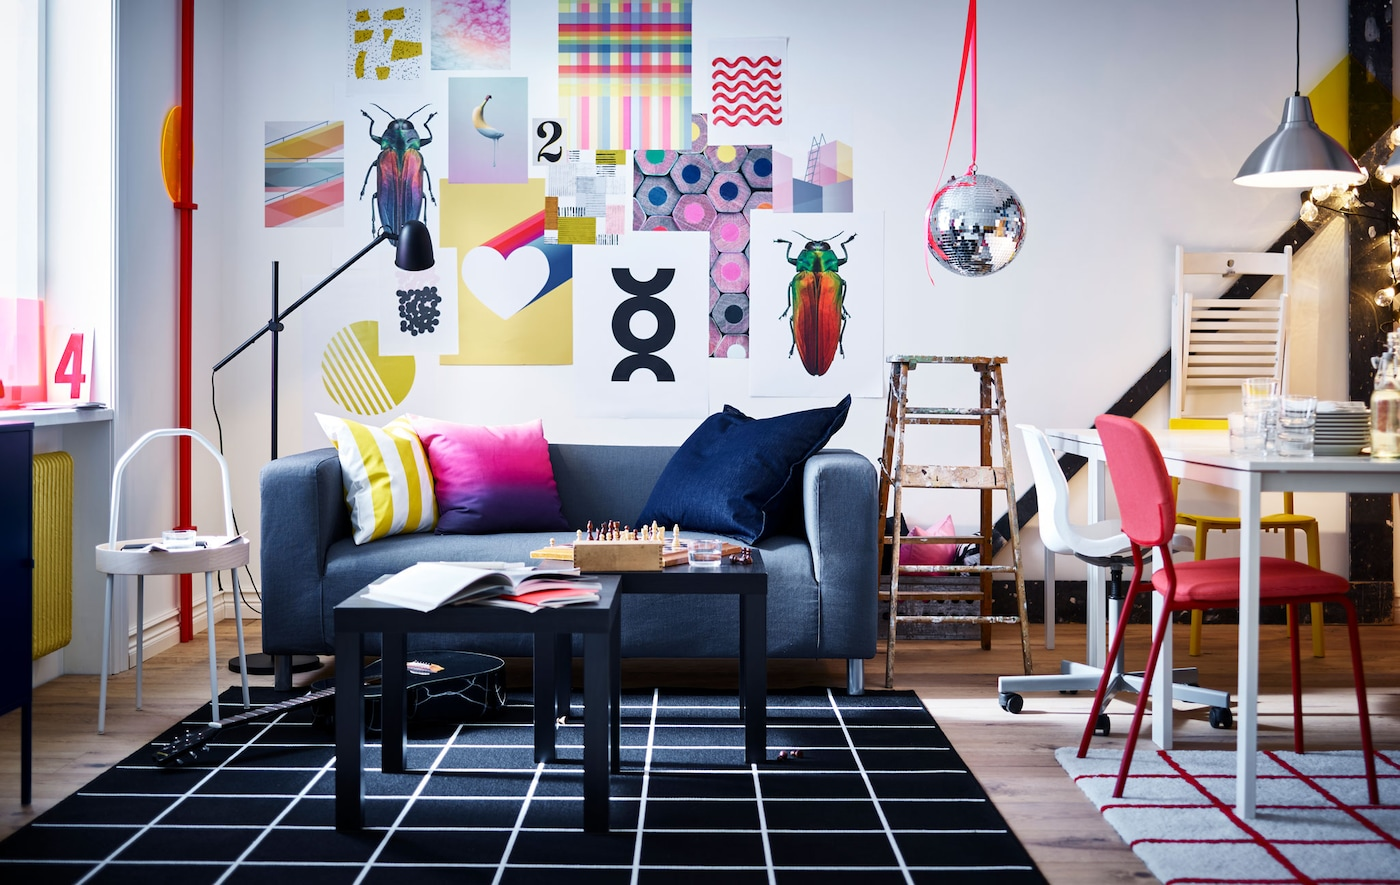 Un vivace ambiente adibito a soggiorno e studio con pareti decorate, un divano, tavolini bianchi e neri, lampade, sedie, tappeti e una vecchia scala - IKEA